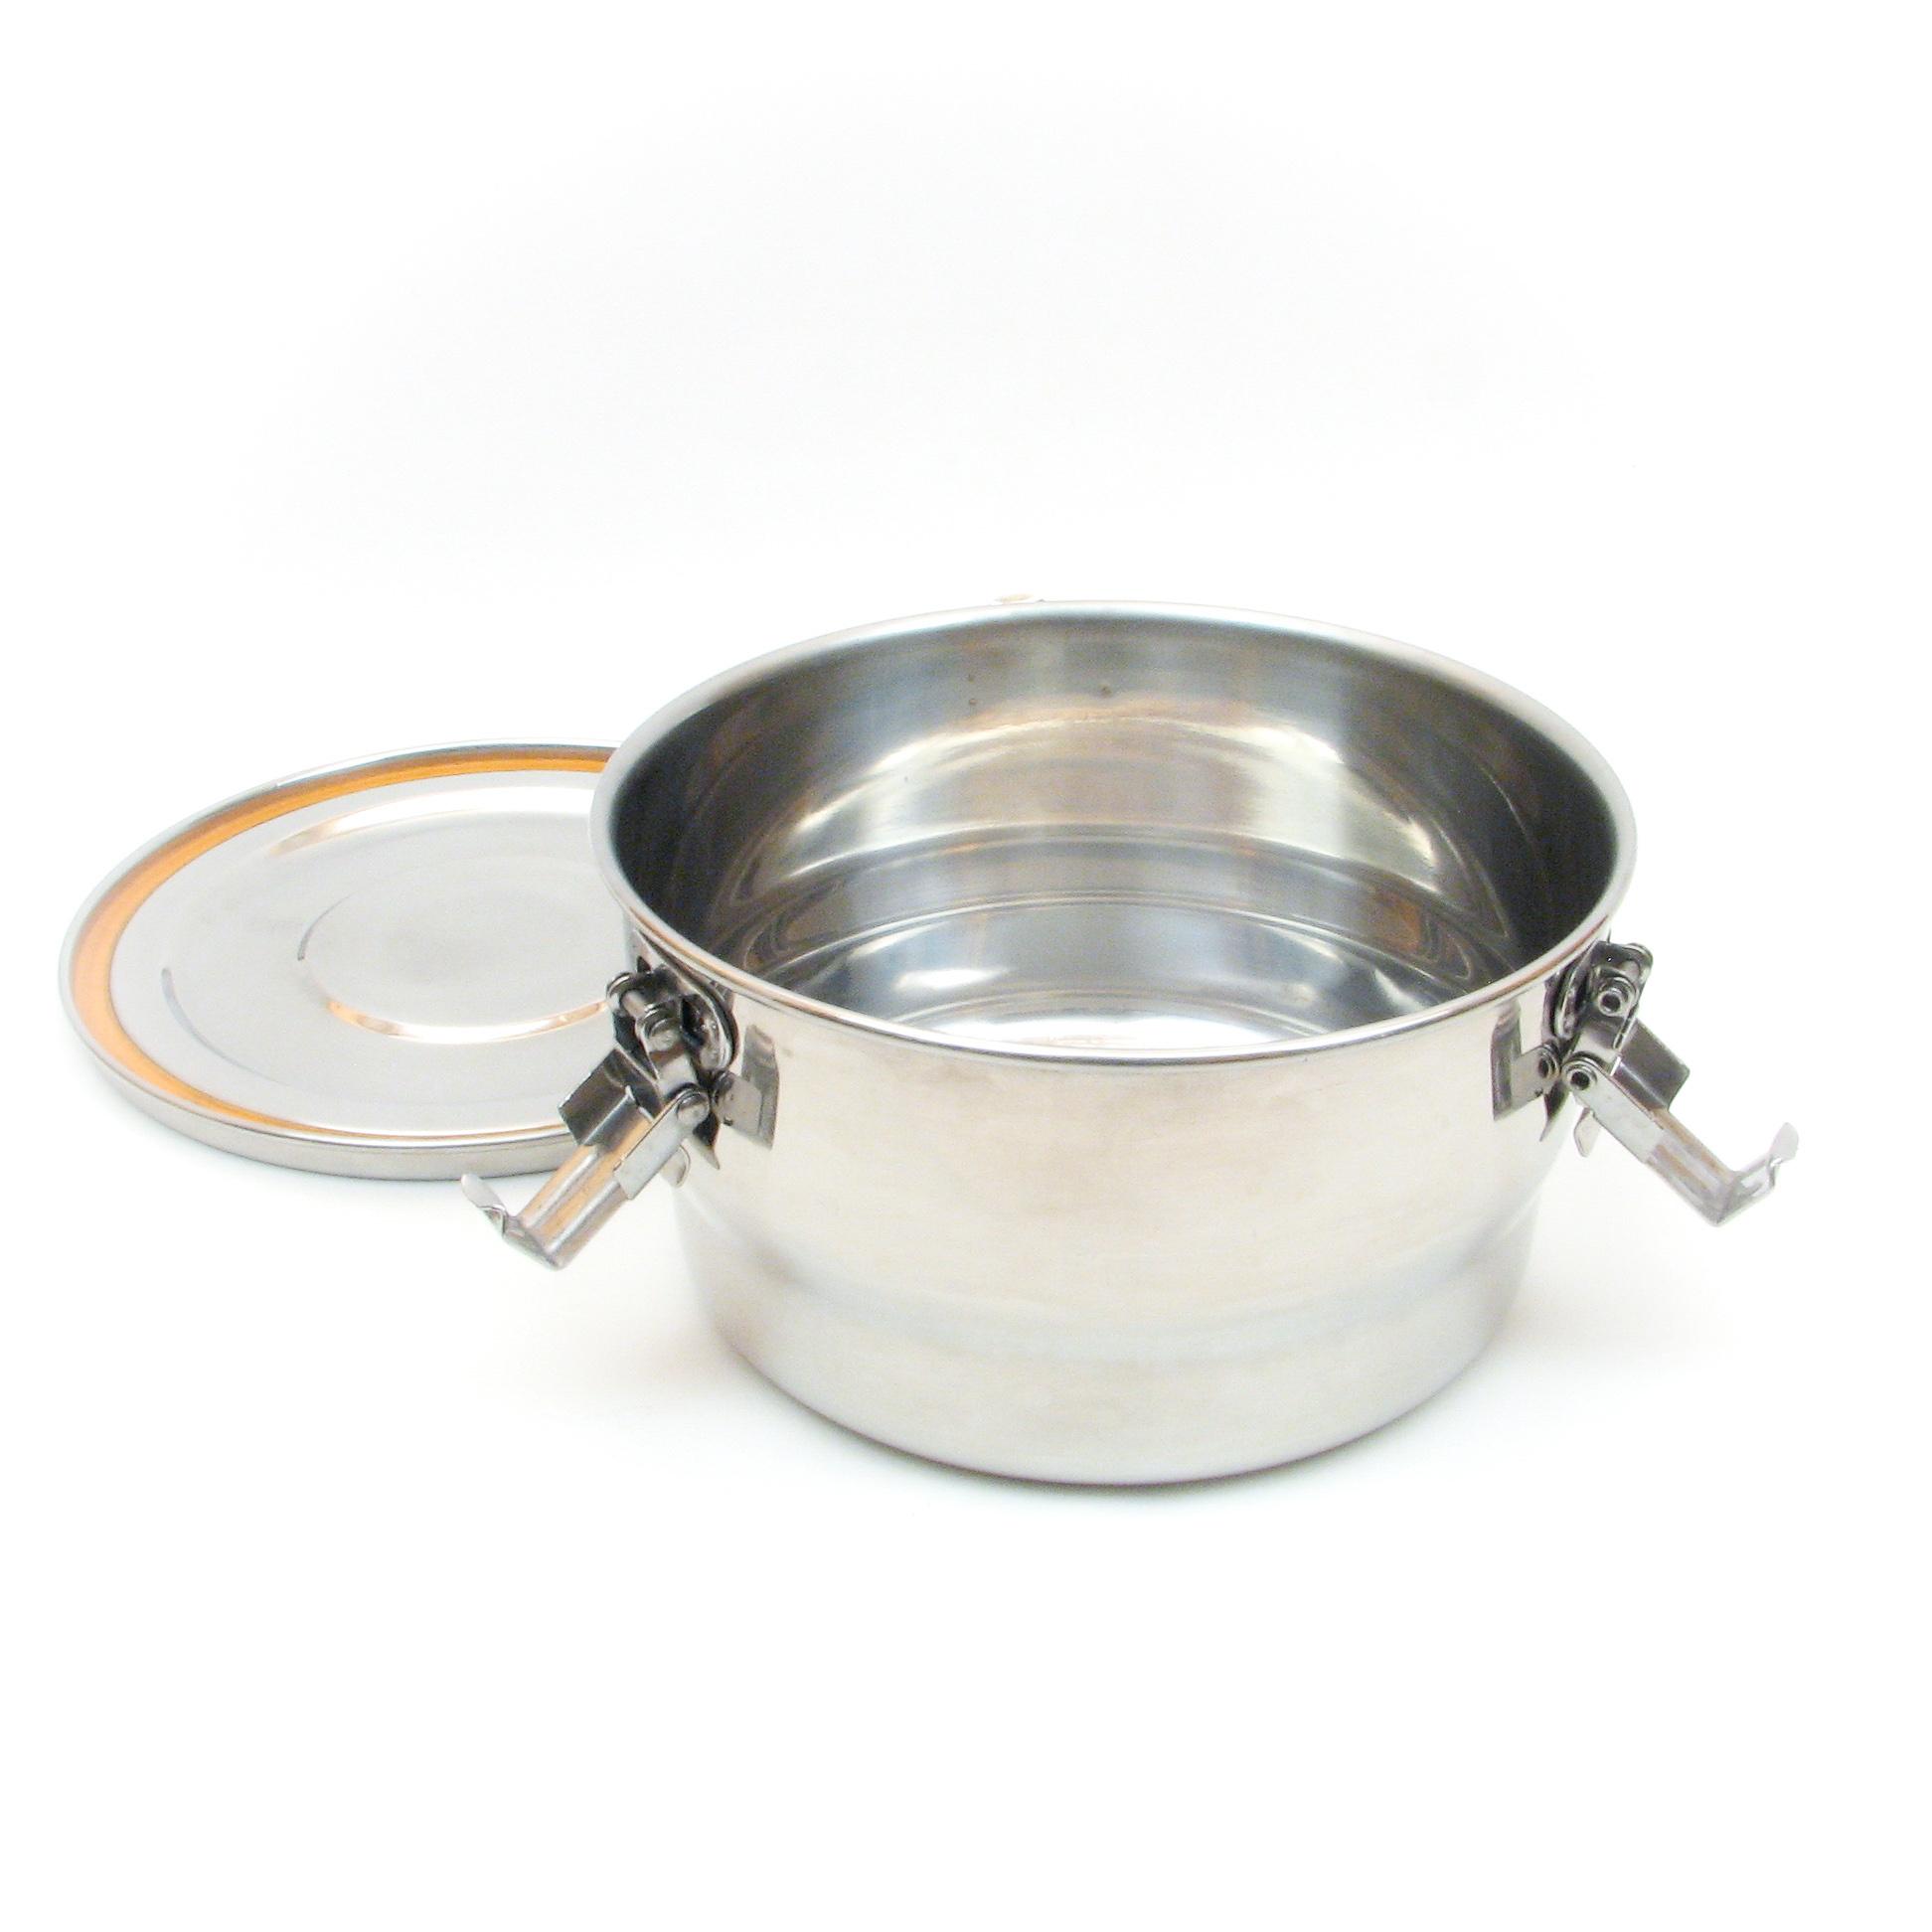 Contenant étanche à l'air et à l'eau en acier inoxydable pour le stockage des aliments - 1125ml